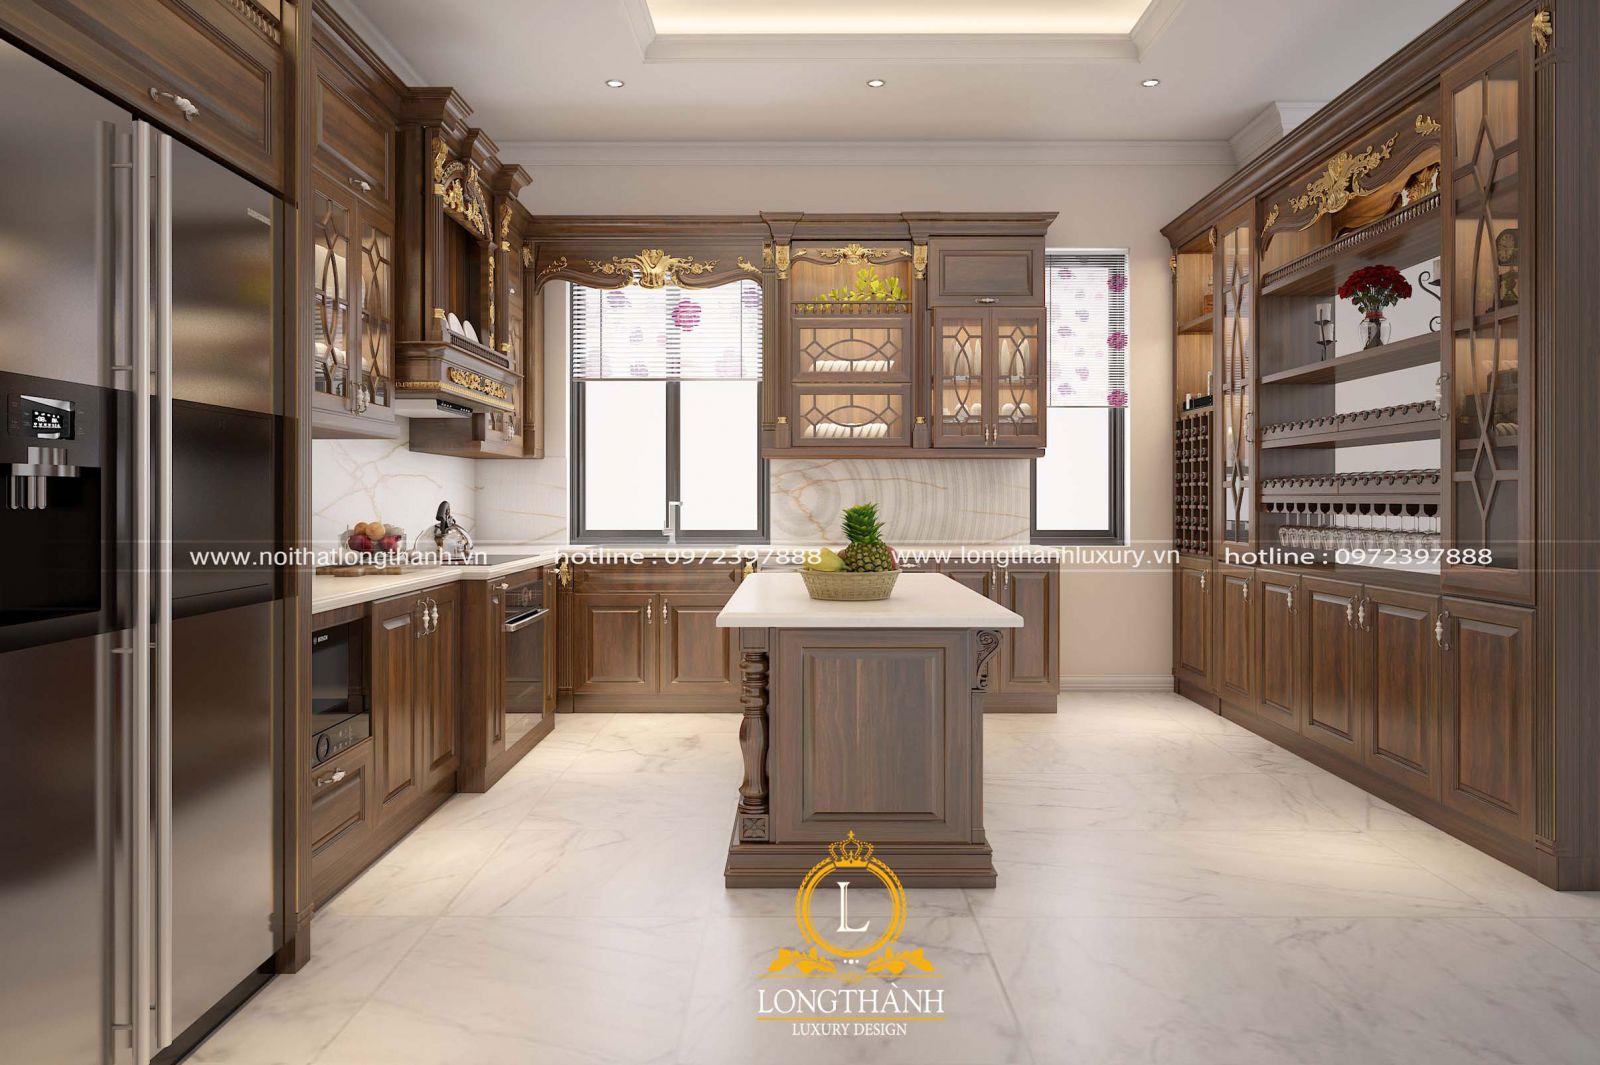 Tủ bếp chữ L cho phòng bếp tân cổ điển nhà phố